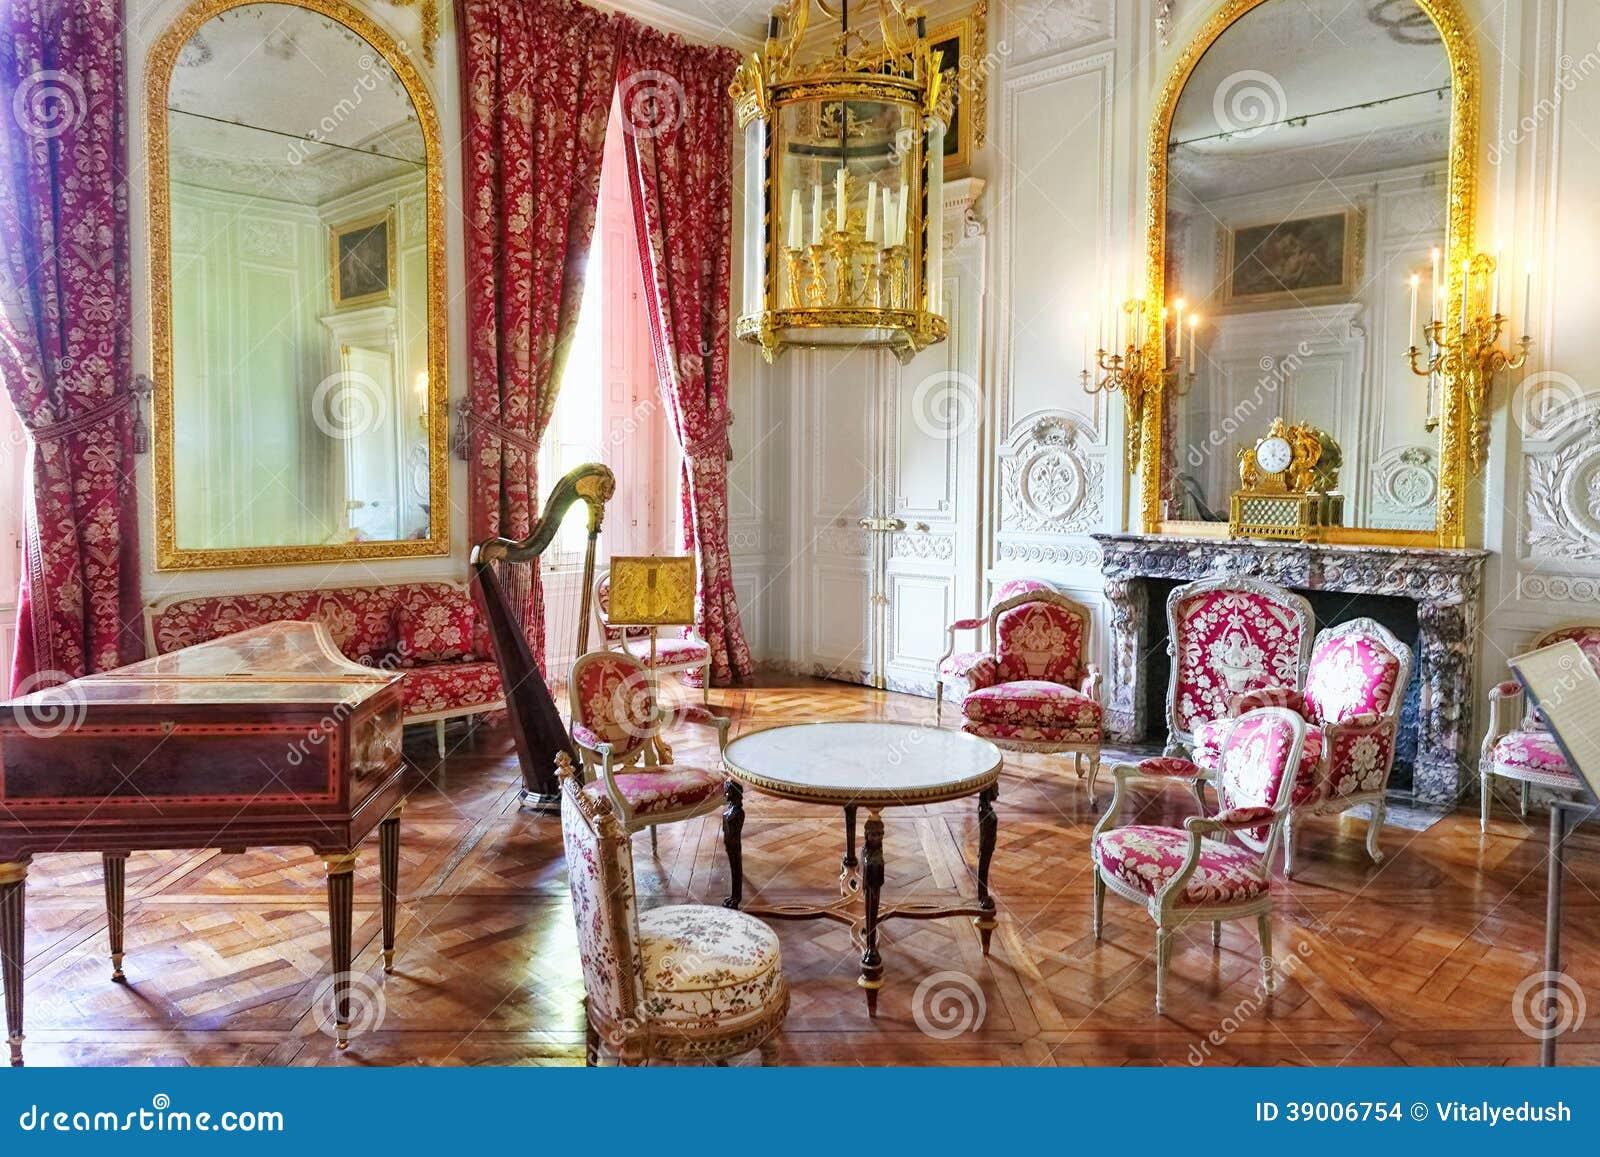 Ch teau int rieur de versailles paris france photo for Interieur frans